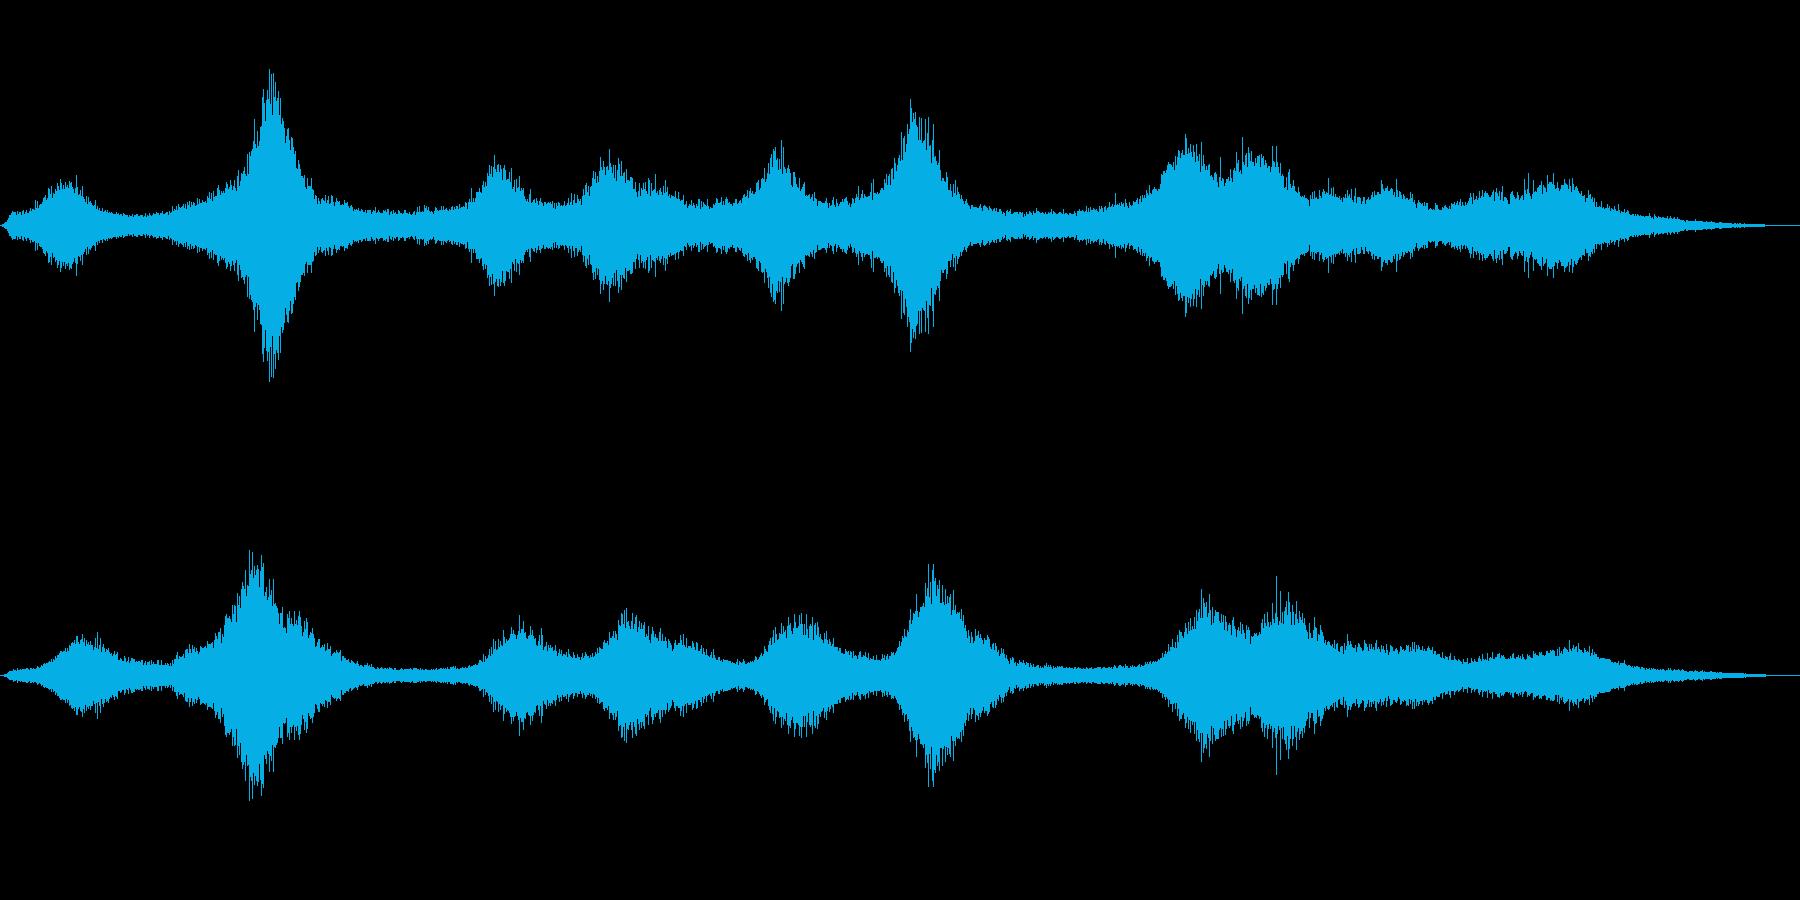 【生録音】 早朝の街 交通 環境音 26の再生済みの波形